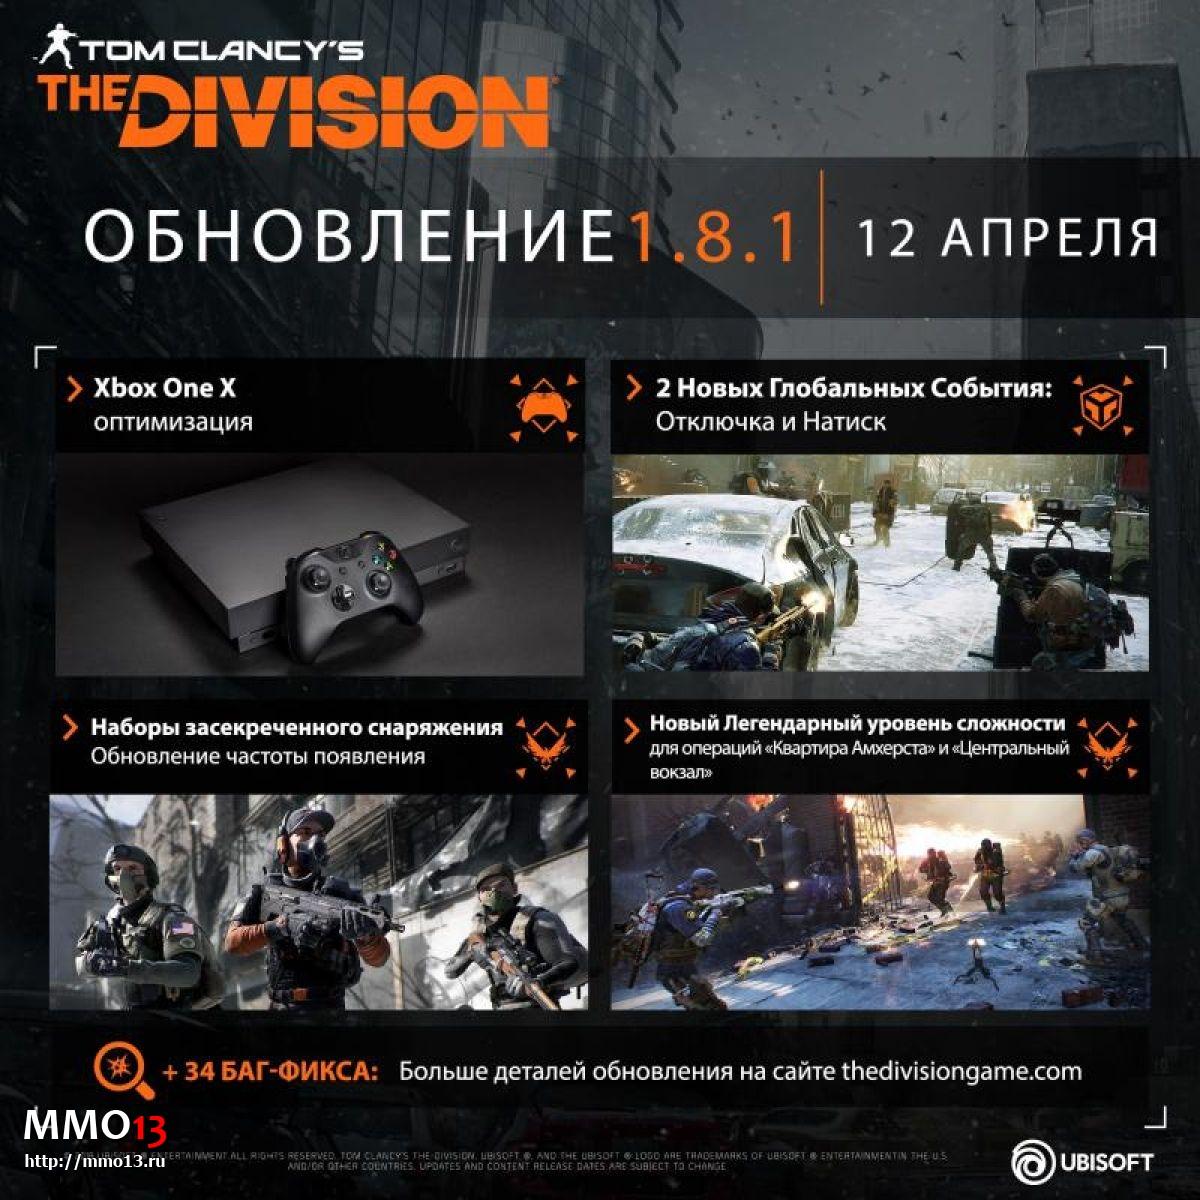 Вышло обновление 1.8.1 для The Division 23416